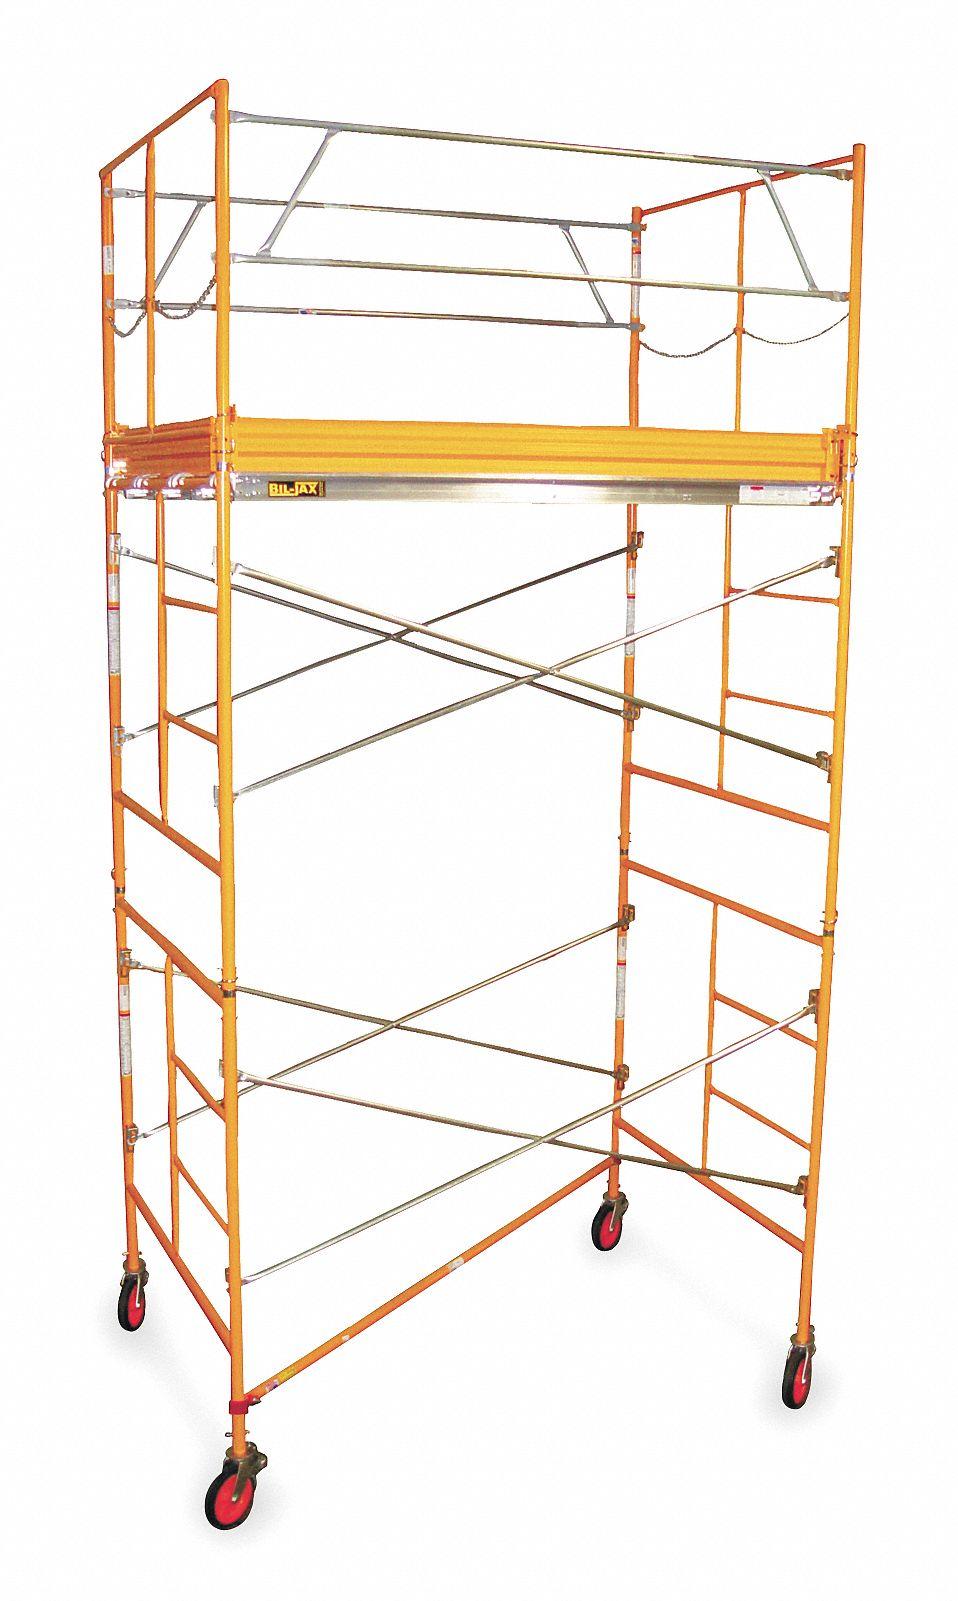 Bil Jax Scaffolding Parts : Bil jax scaffold tower ft h steel ab st ru